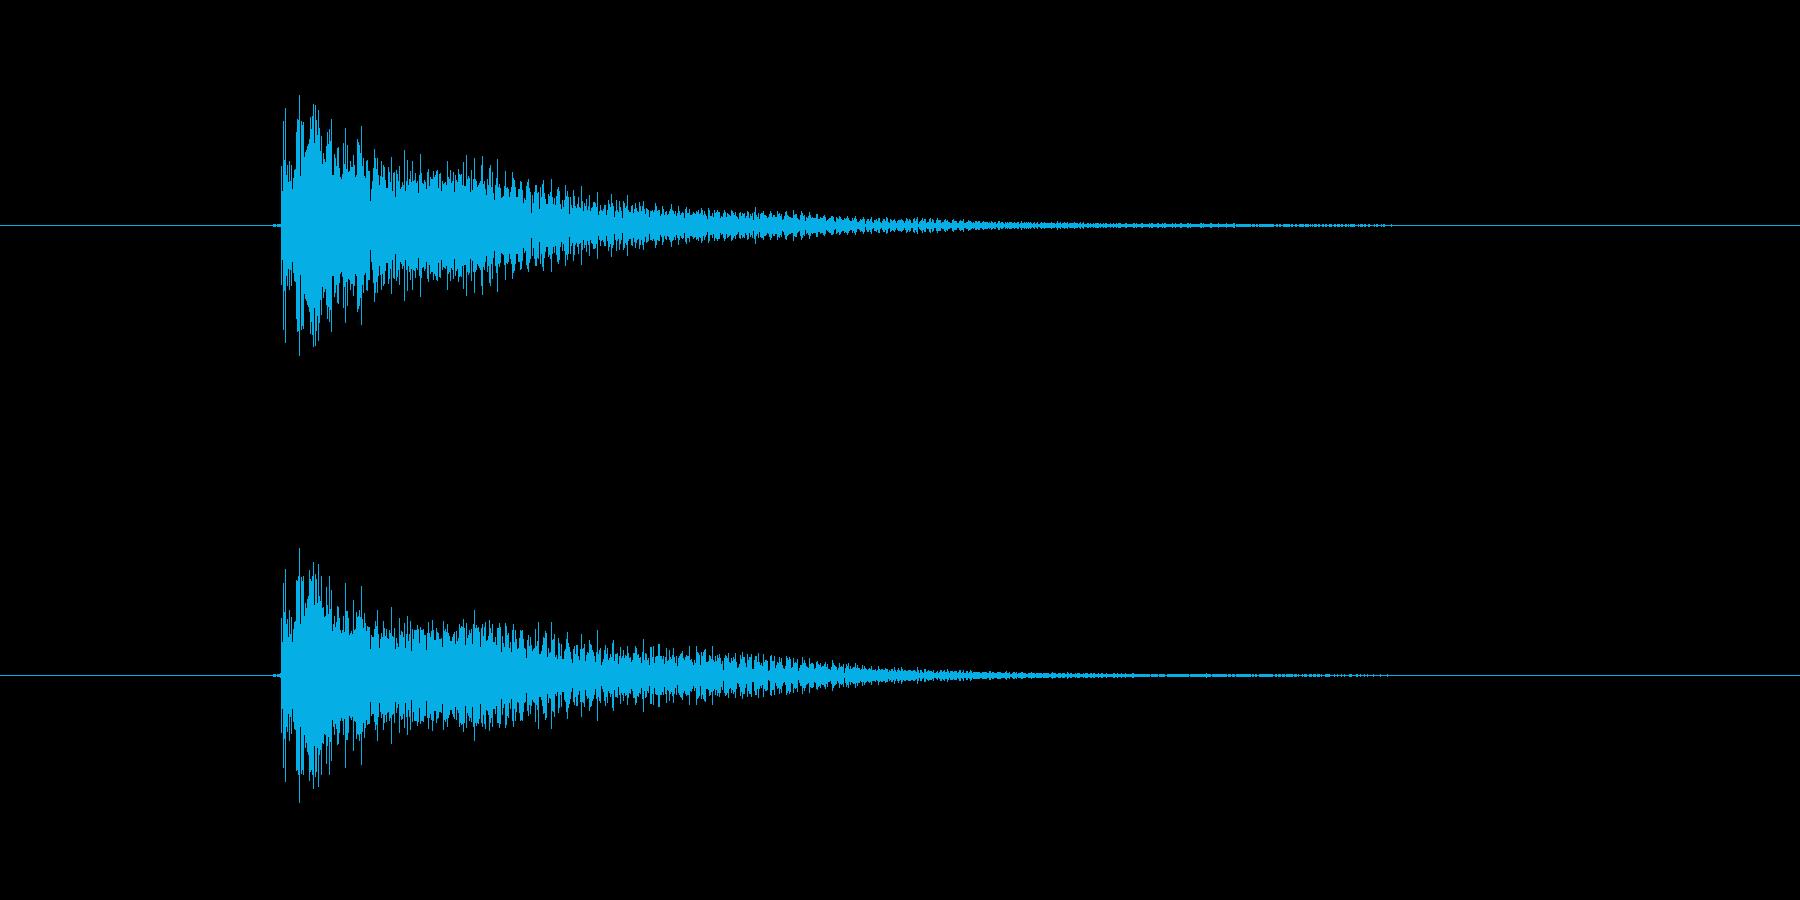 ジャーン(ギター、弦楽器)の再生済みの波形